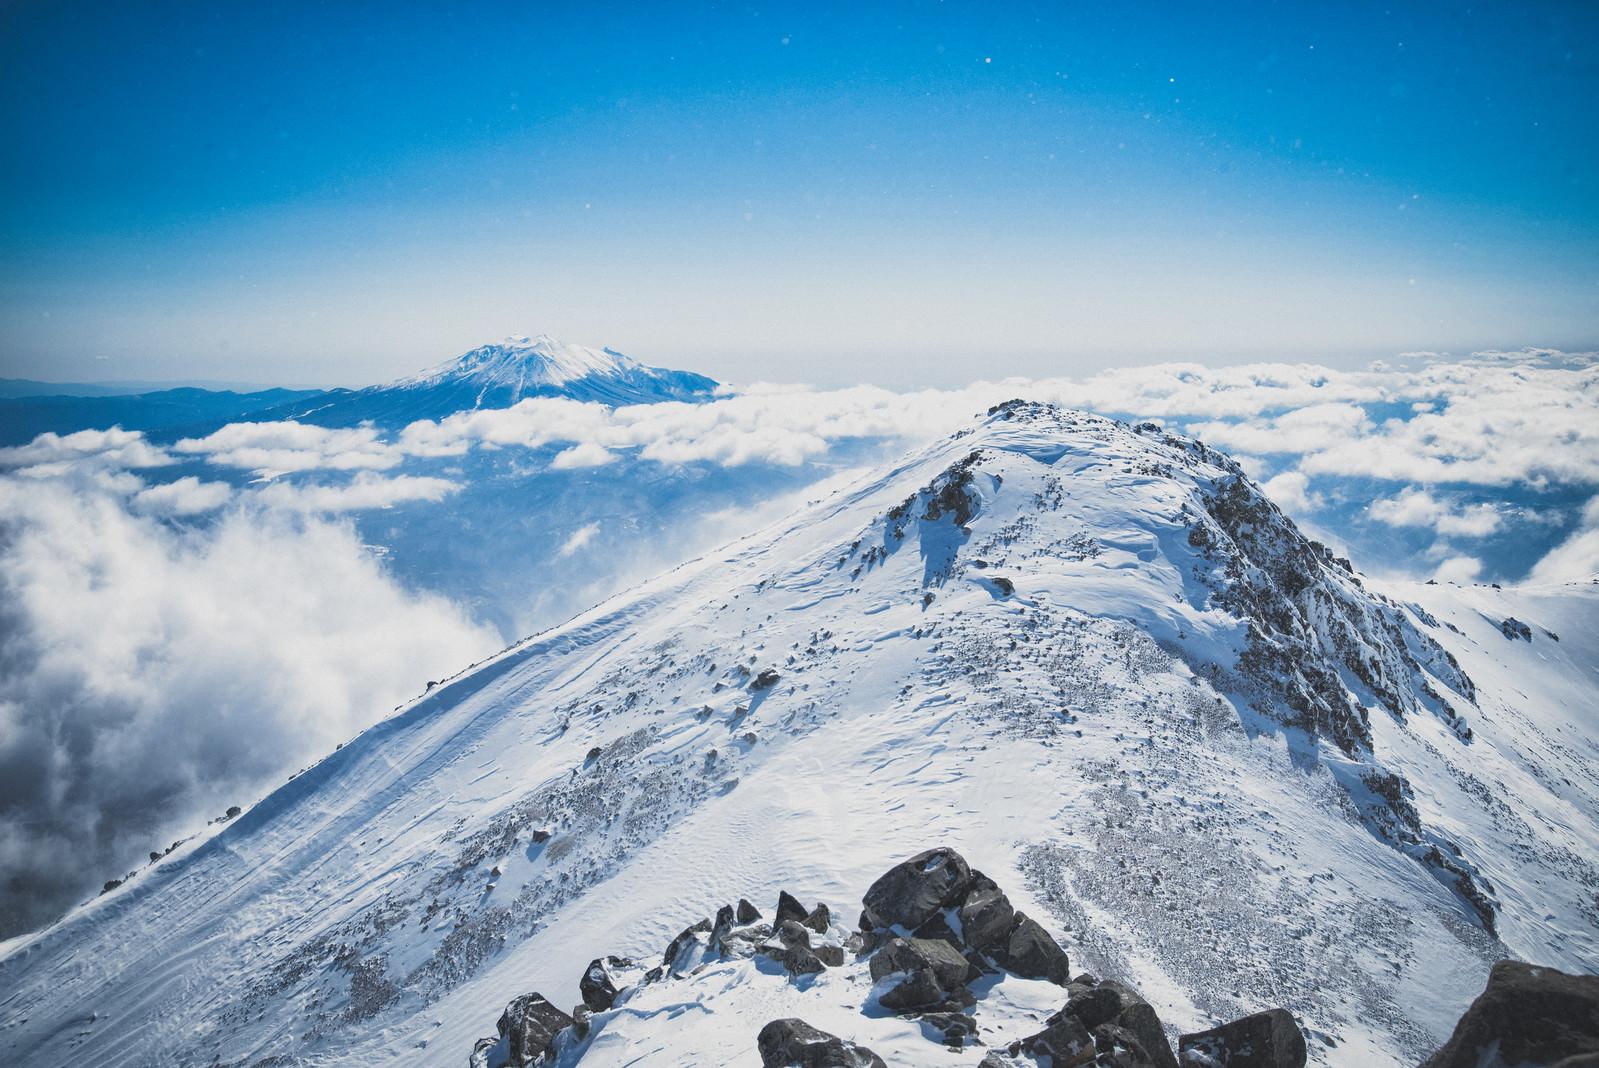 「薬師岳と御嶽山のコラボレーション」の写真